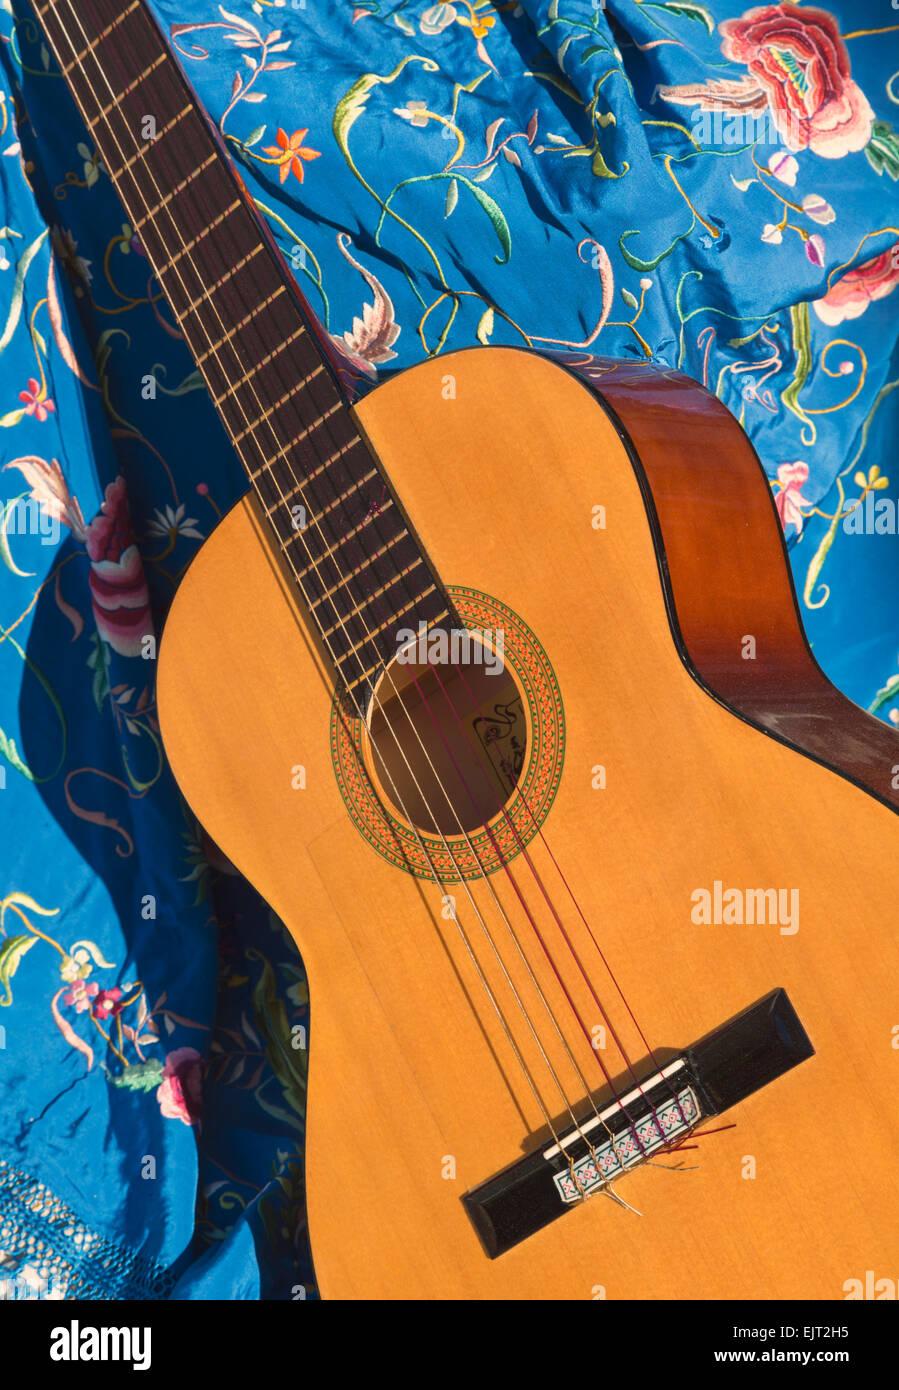 Guitarra española descansa sobre un mantón. Imagen De Stock